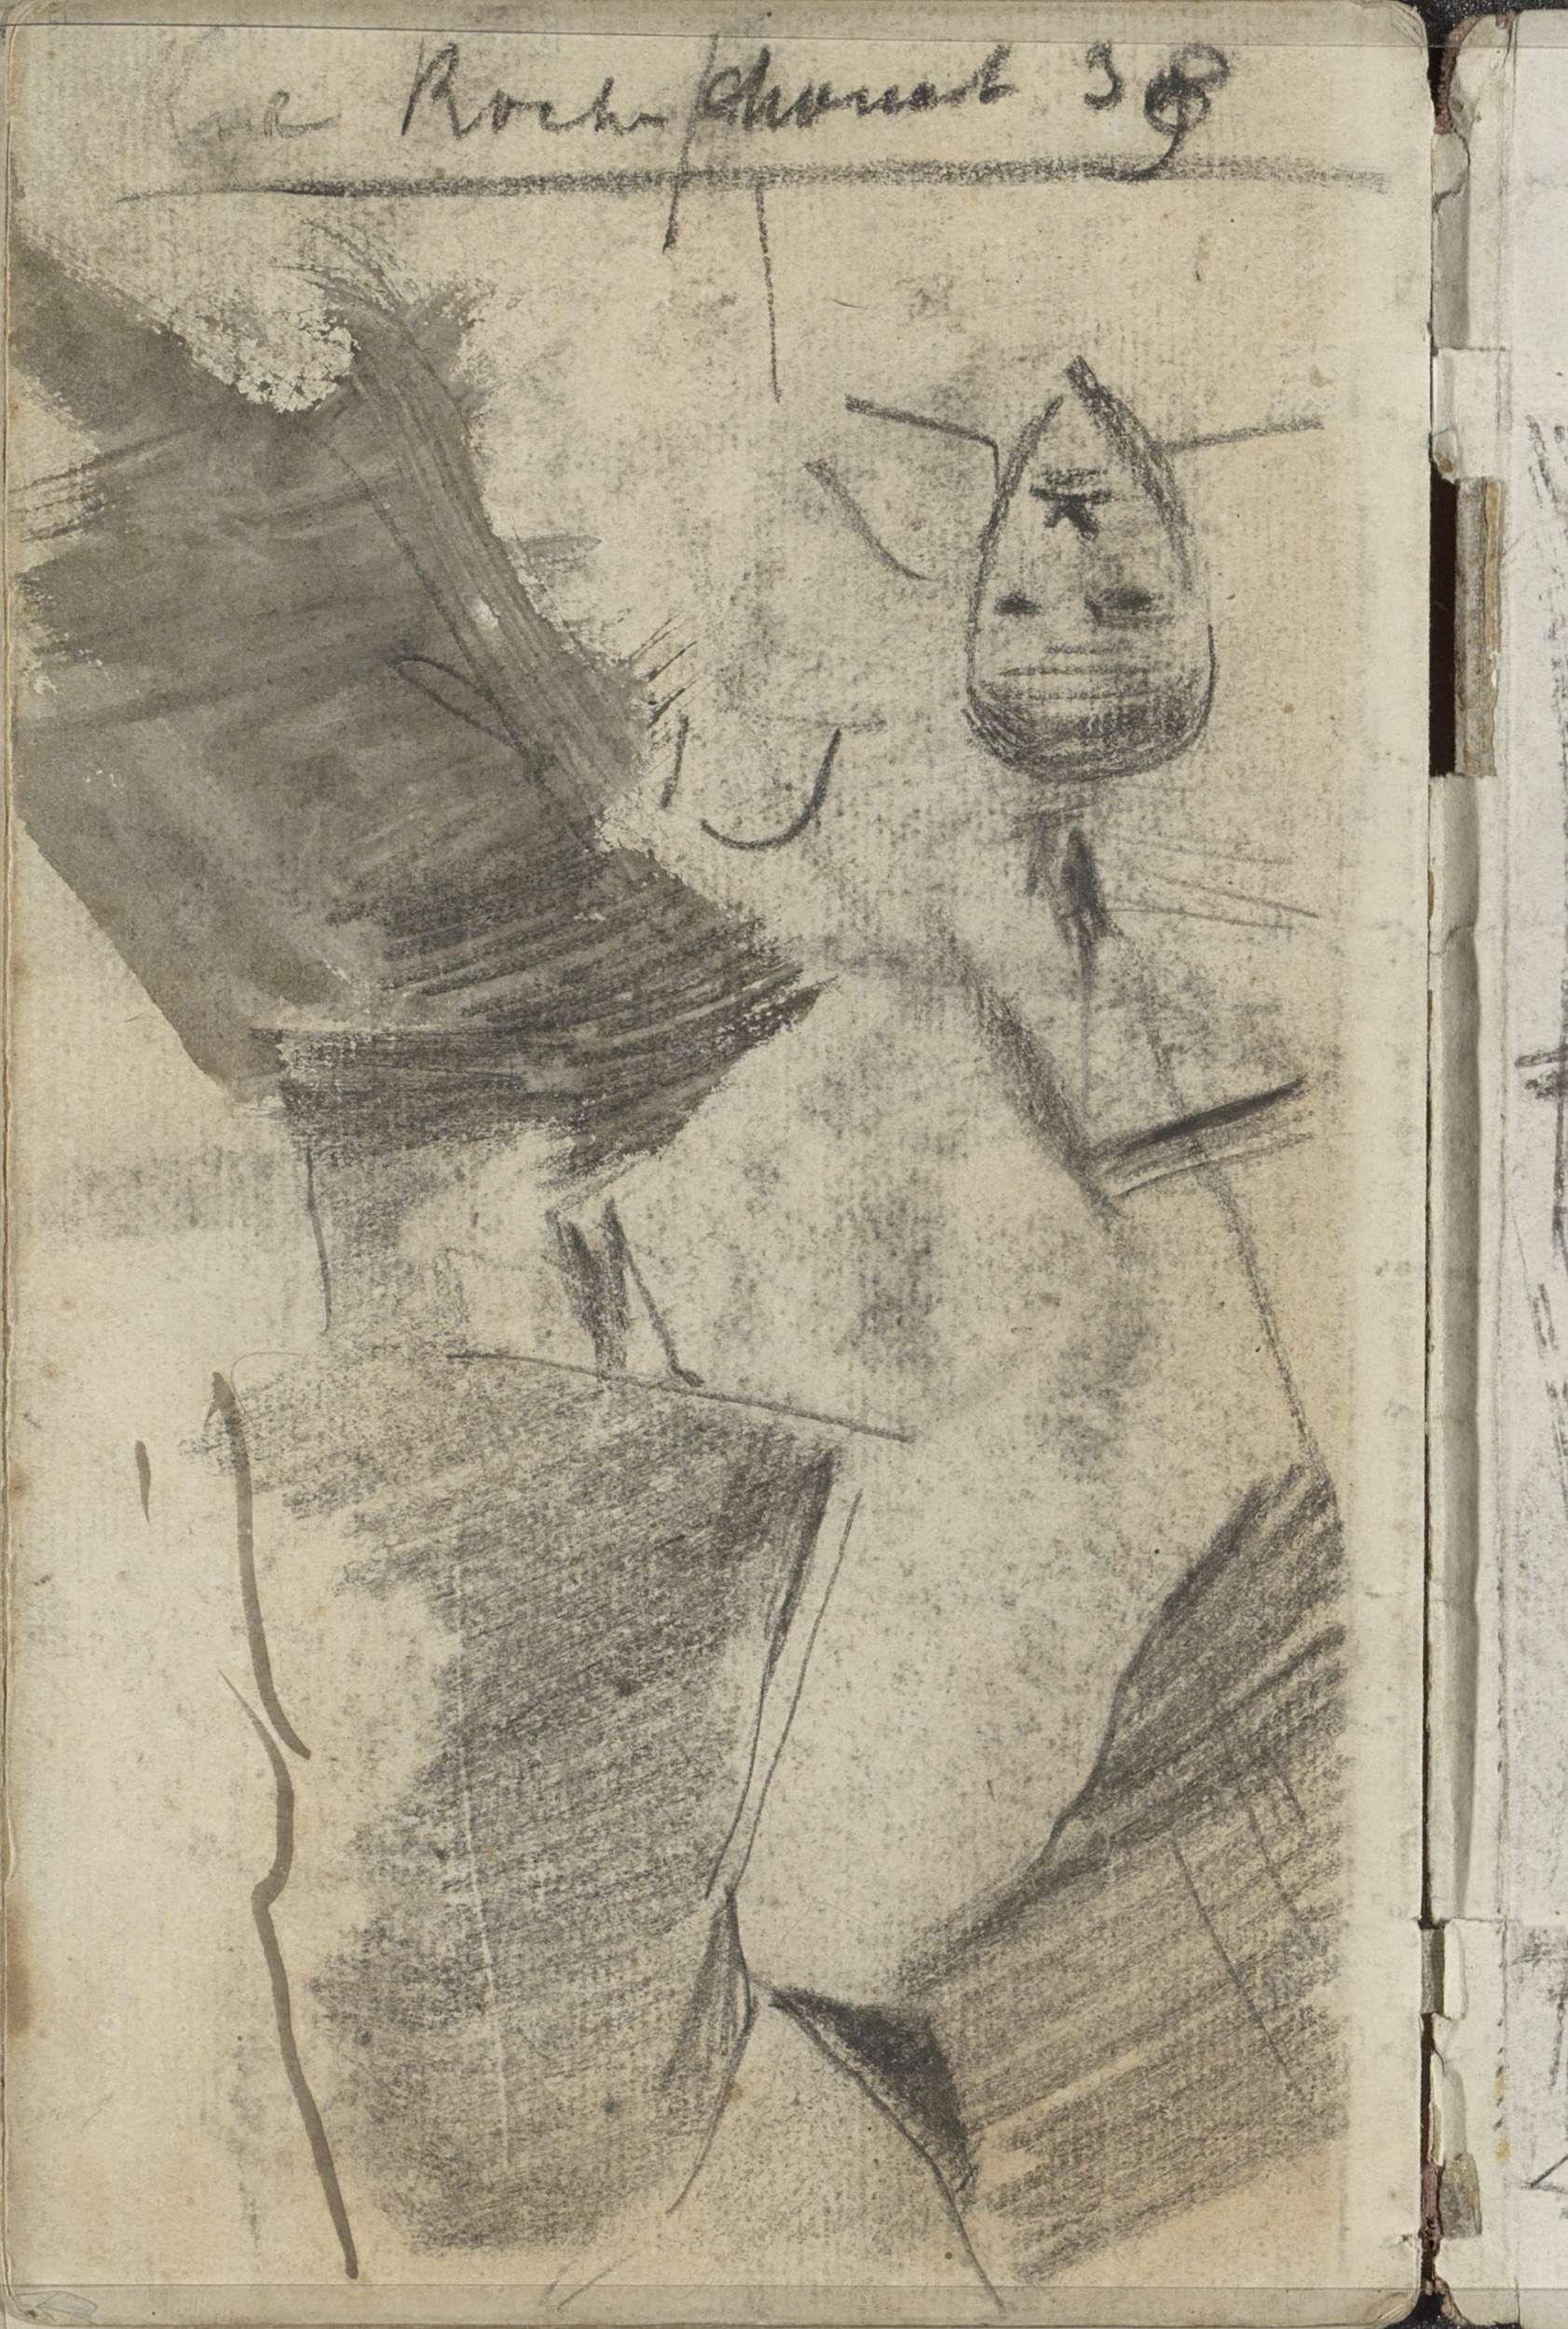 George Hendrik Breitner   Figuurstudies, George Hendrik Breitner, 1884 - 1886   Pagina 51 uit een schetsboek met 25 bladen.